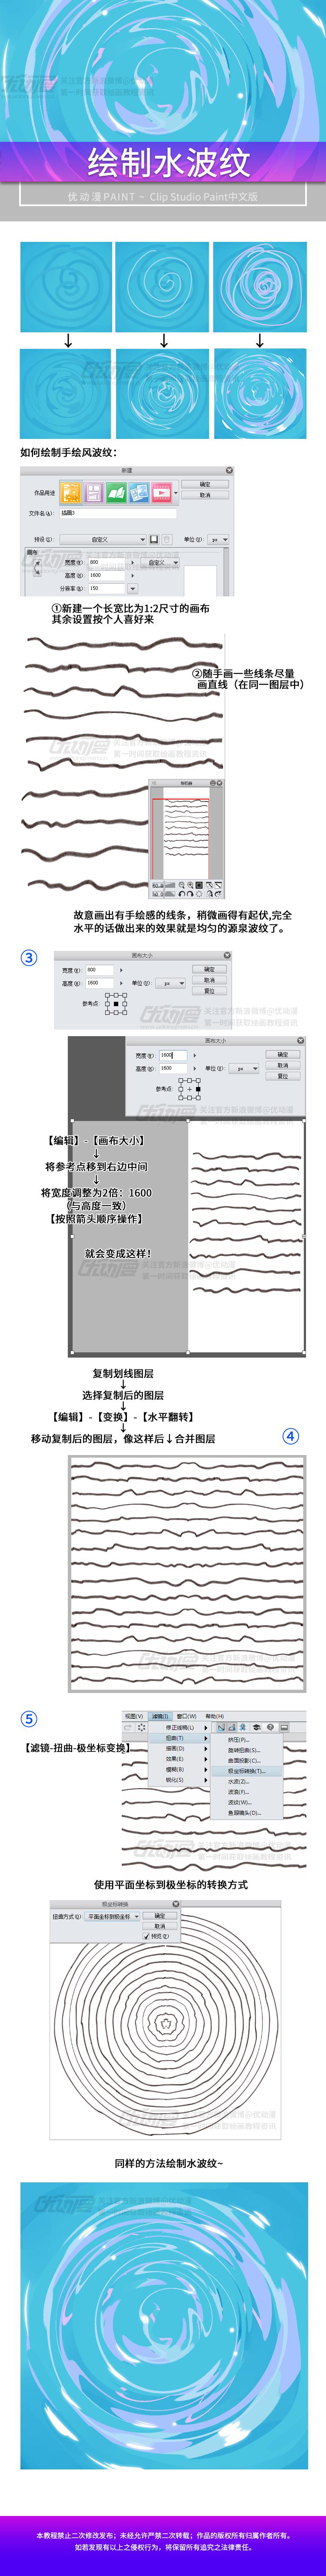 绘制水波纹.png